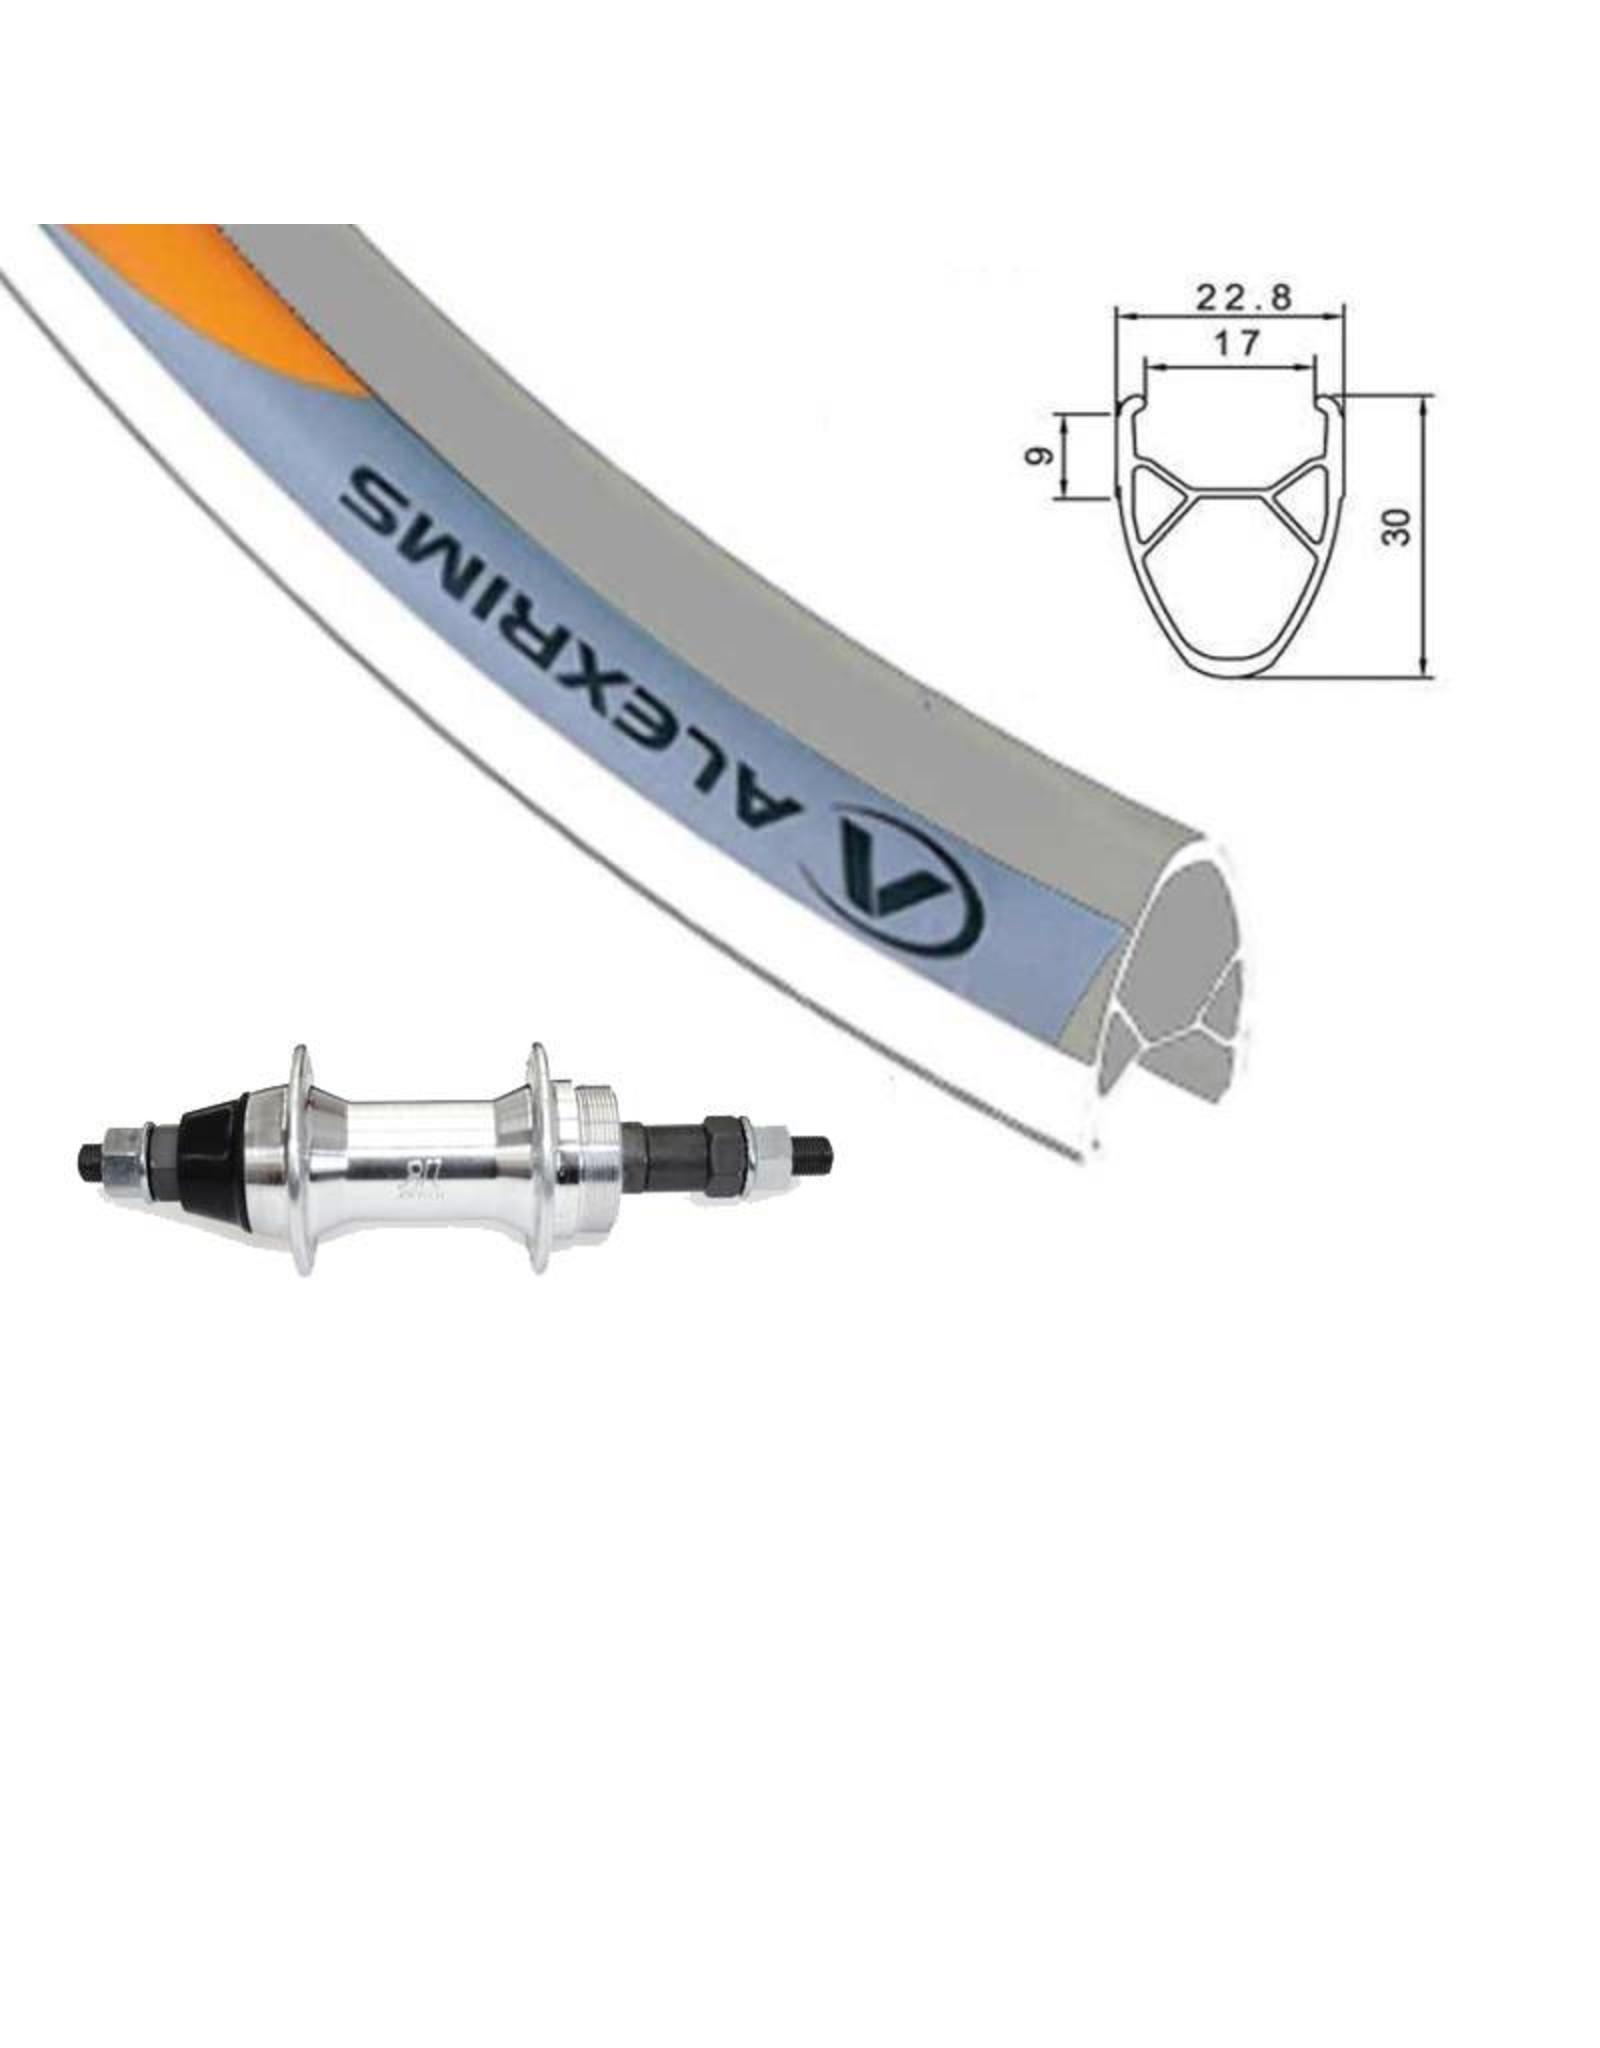 ALEXRIMS 700 G6000 FW Hybrid Rear Wheel Silver